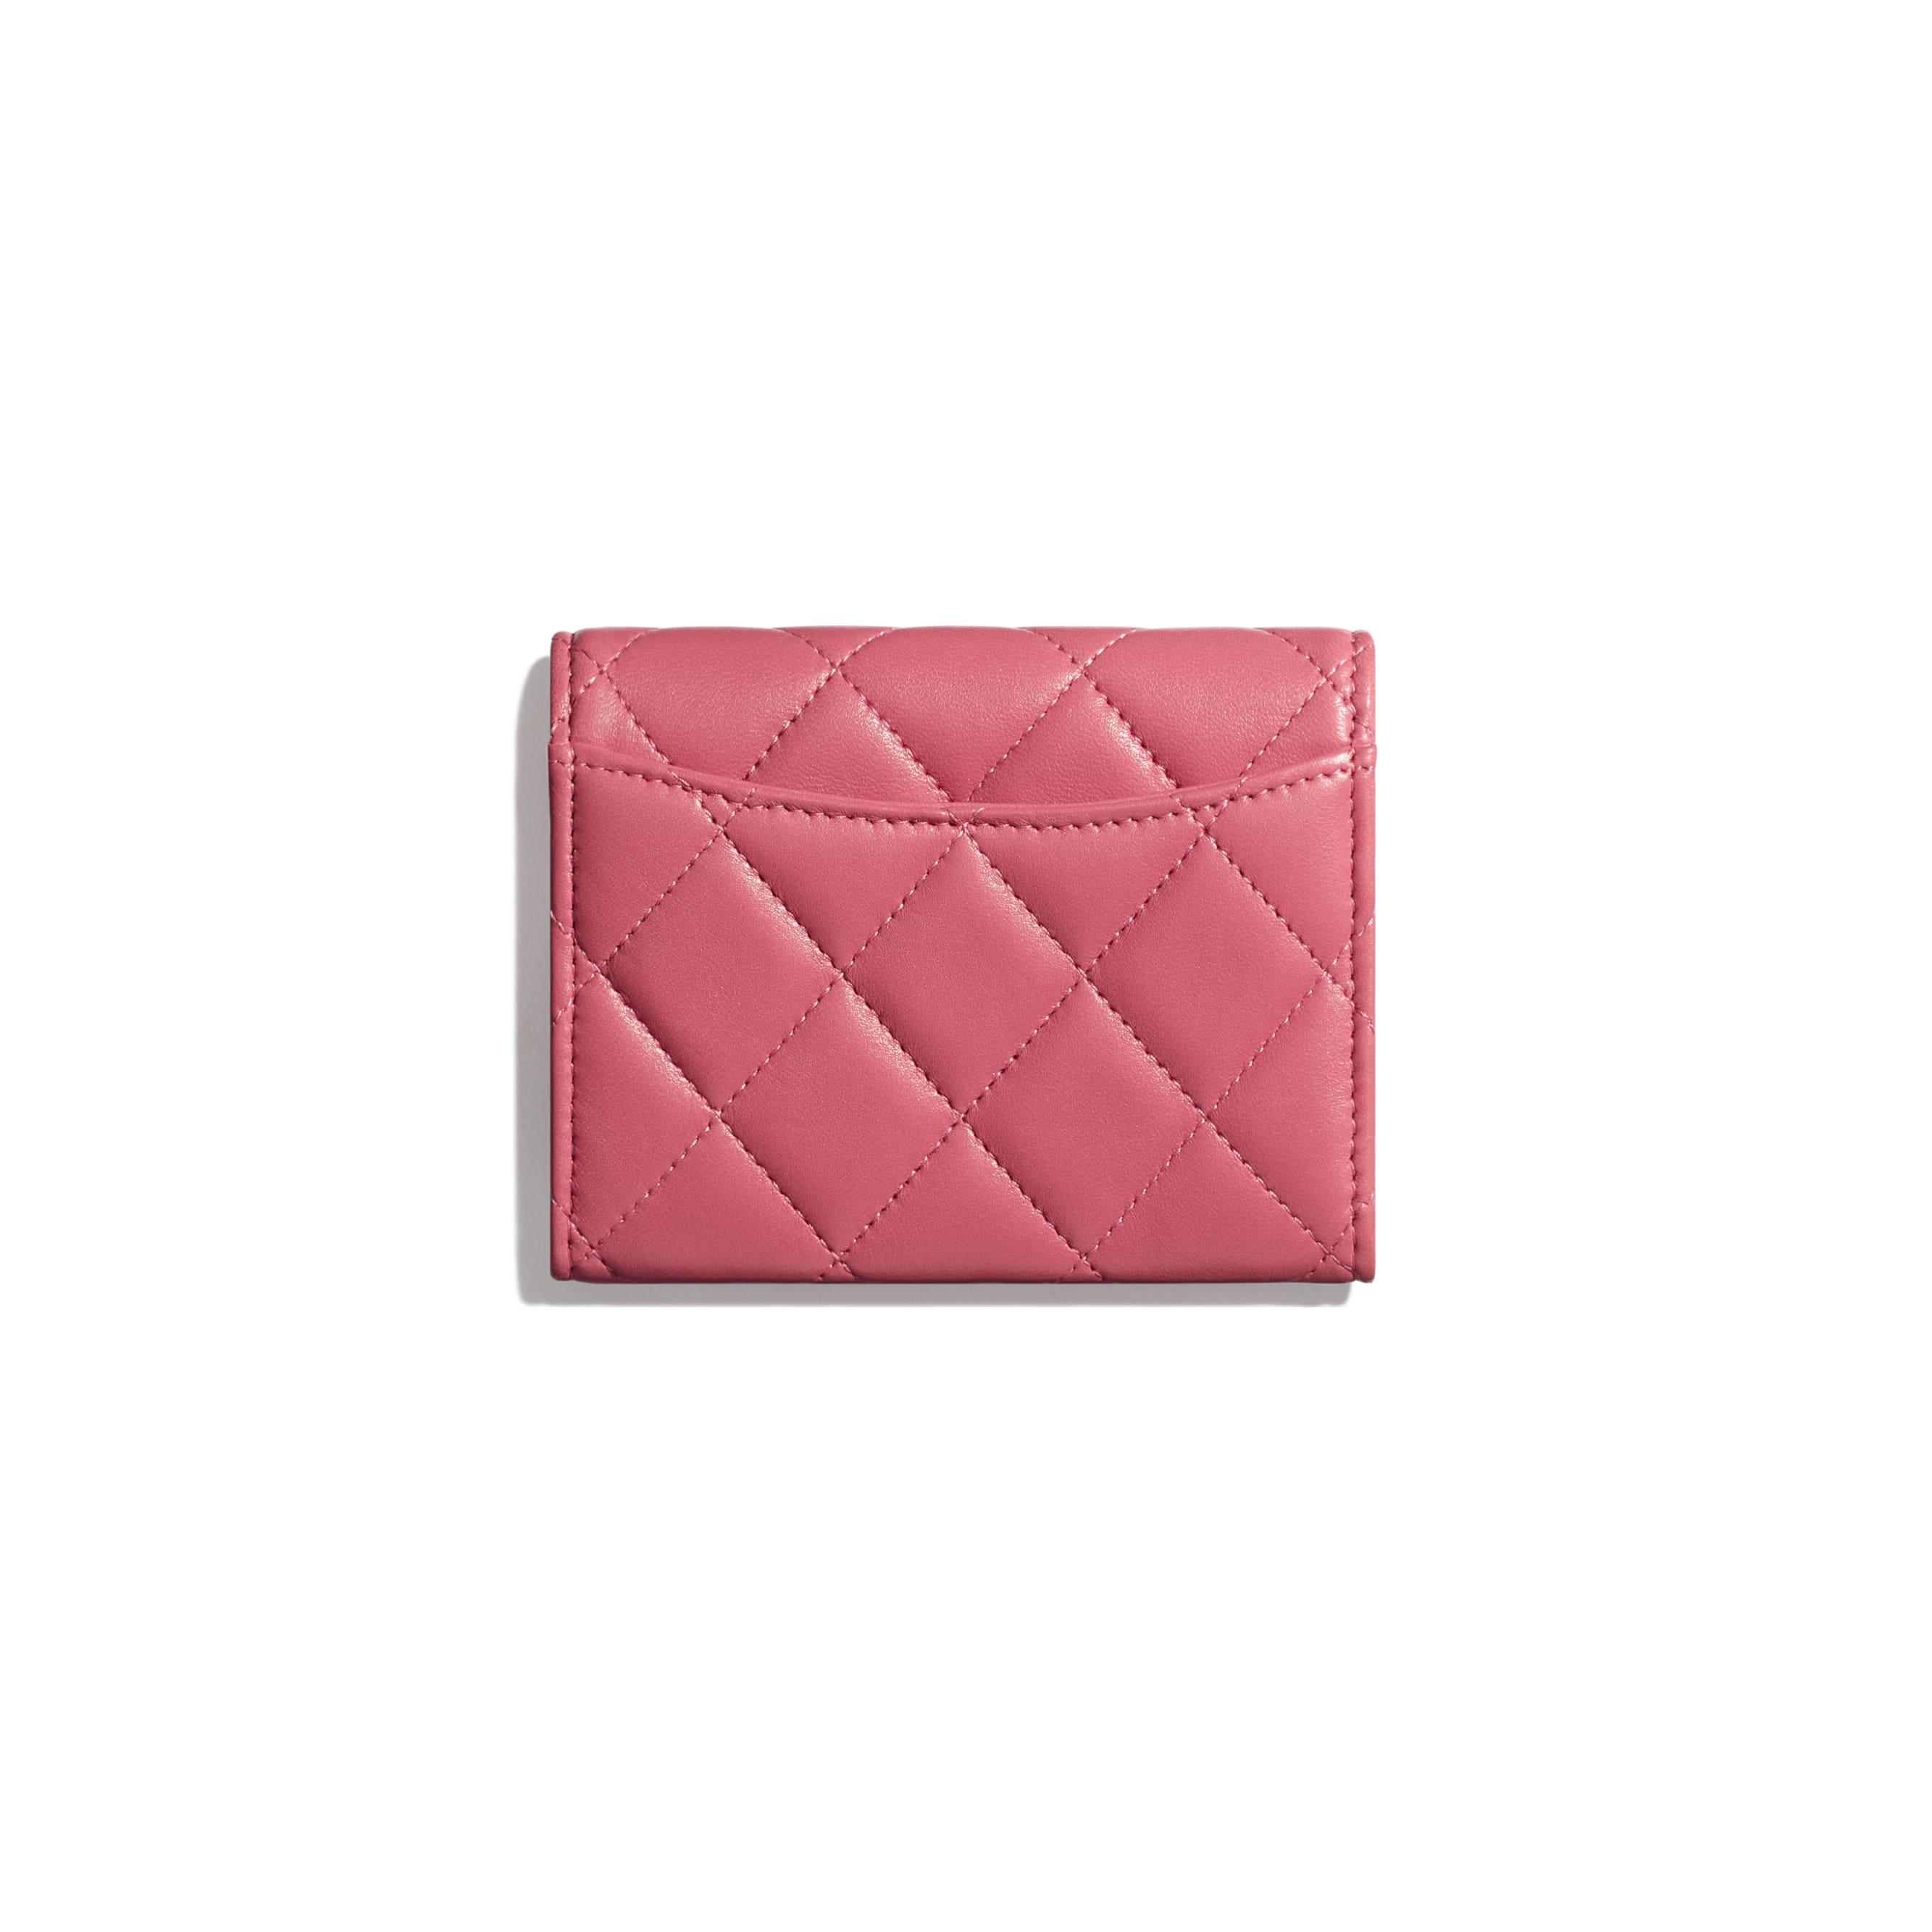 Кошелек-конверт - Розовый - Кожа ягненка и серебристый металл - Альтернативный вид - посмотреть изображение стандартного размера